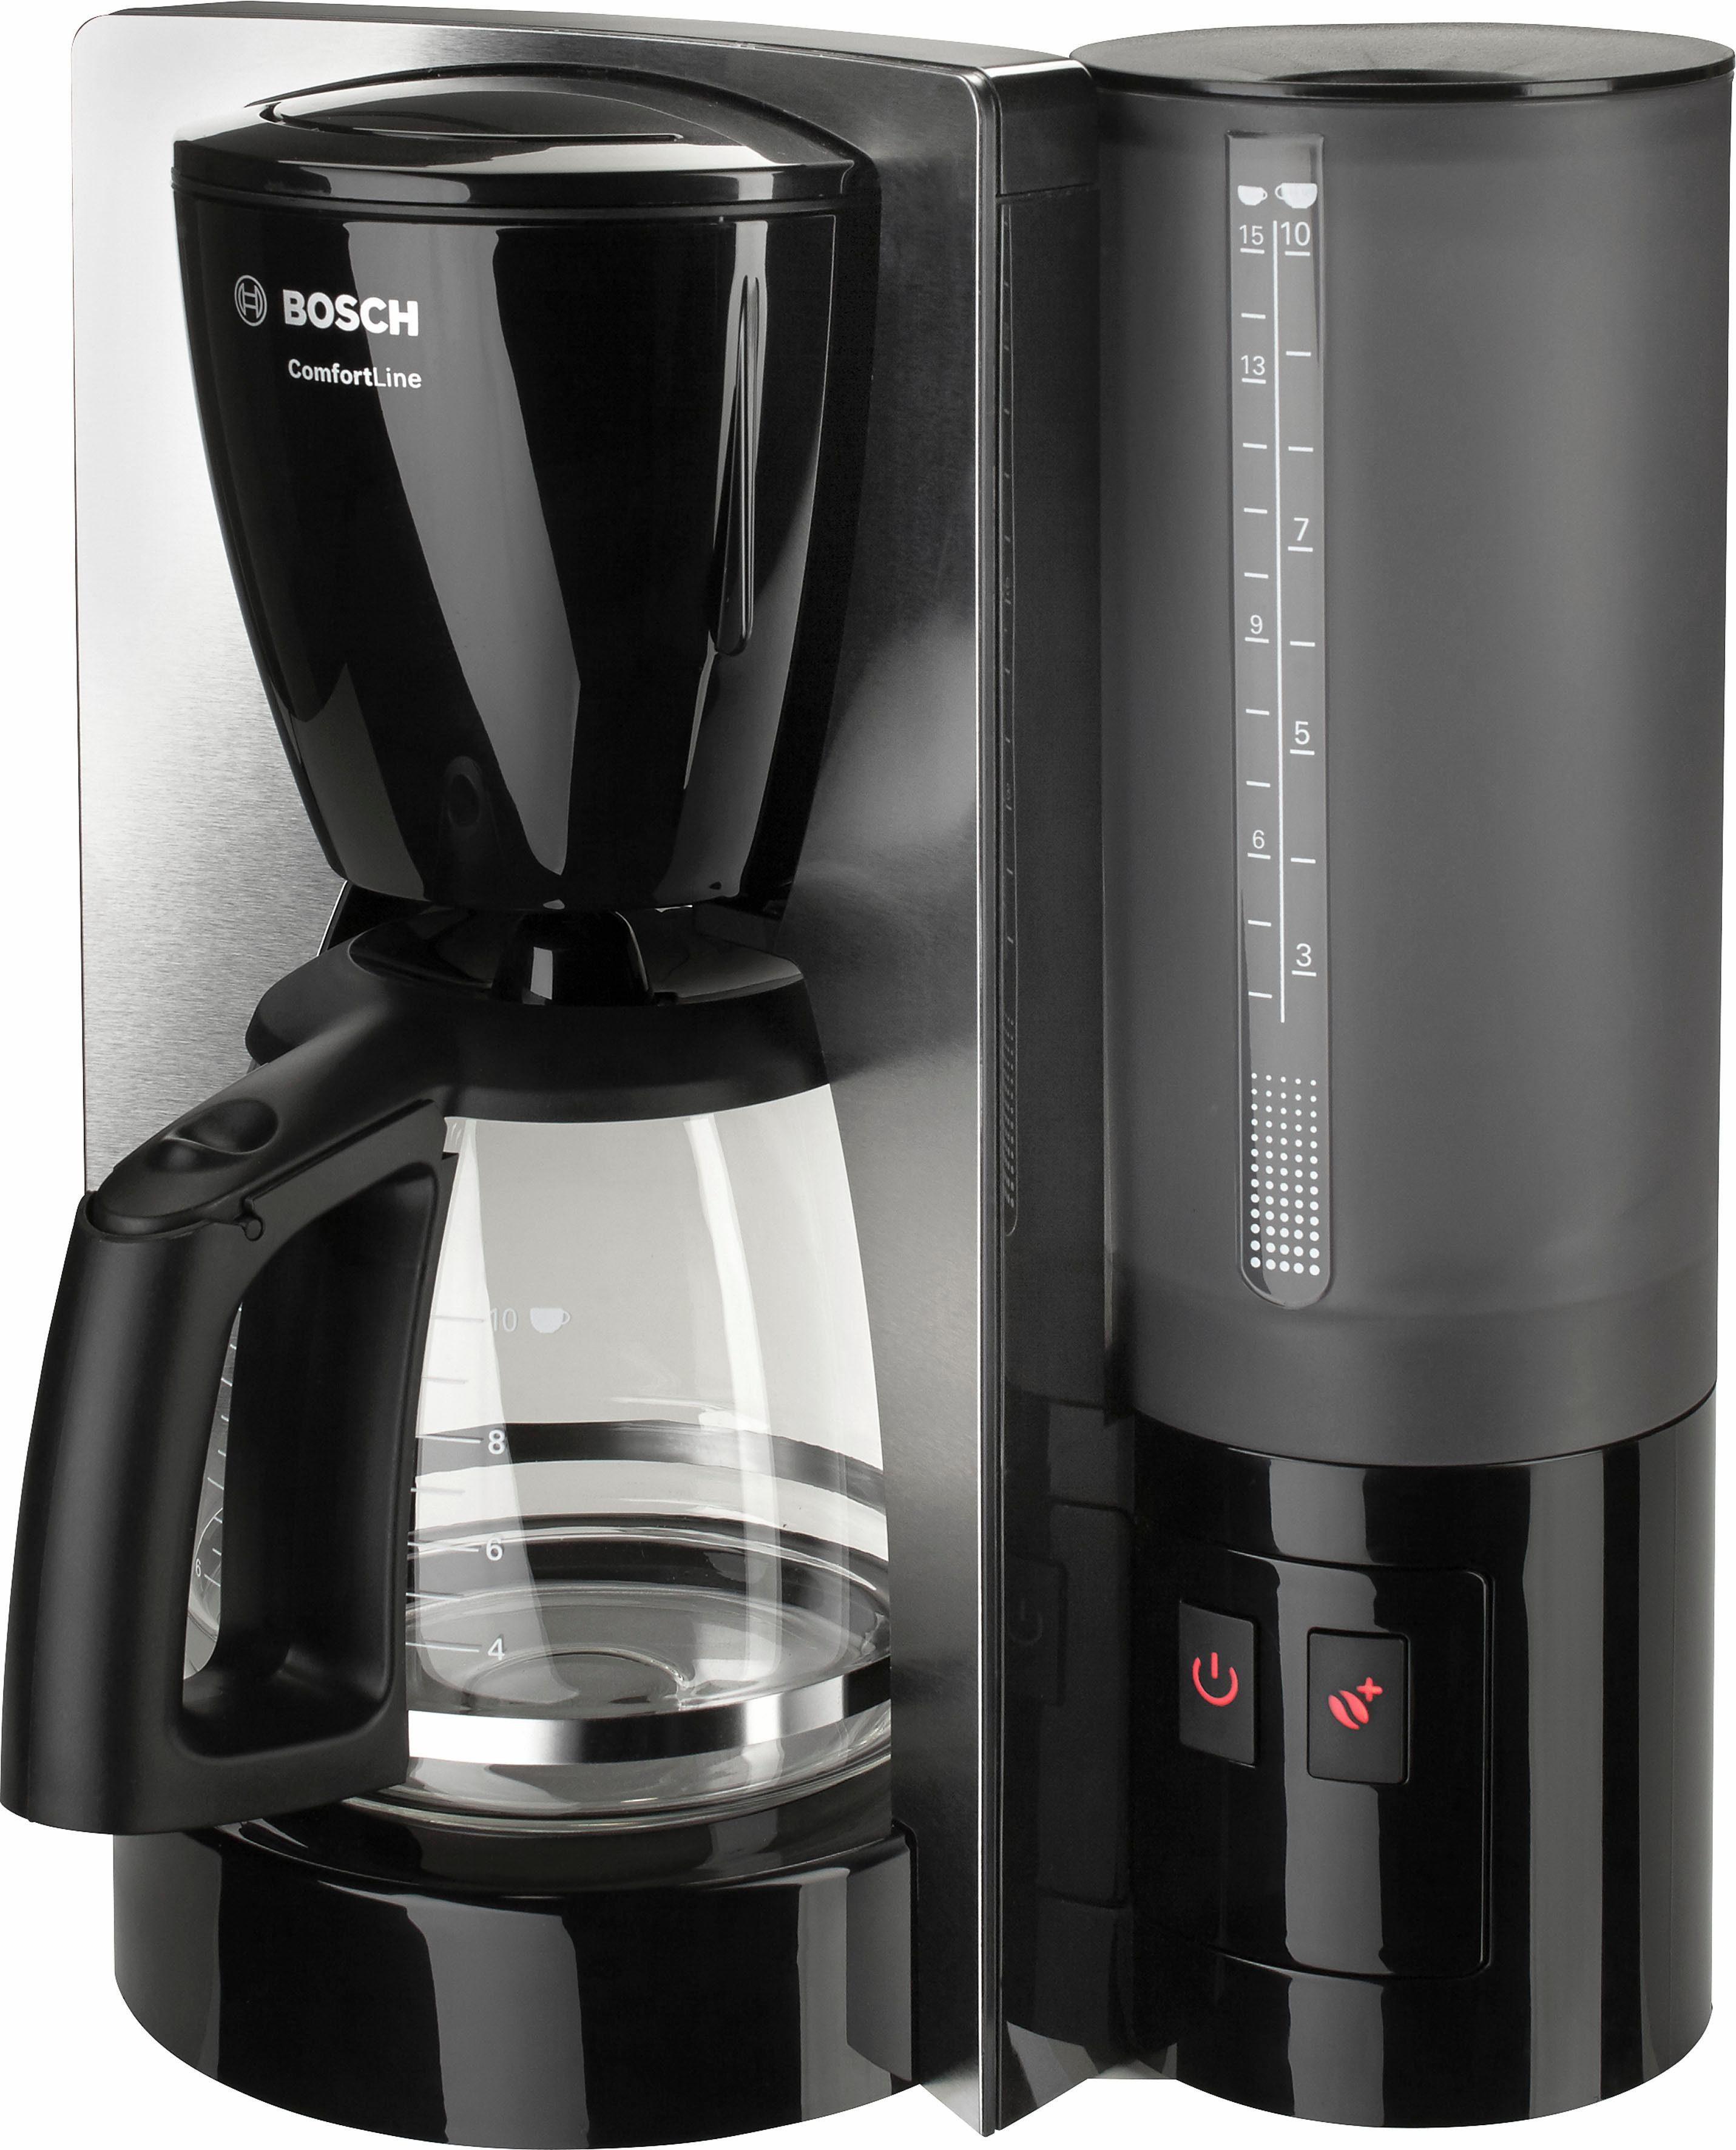 Bosch Filterkaffeemaschine ComfortLine, schwarz /Edelstahl TKA6A643